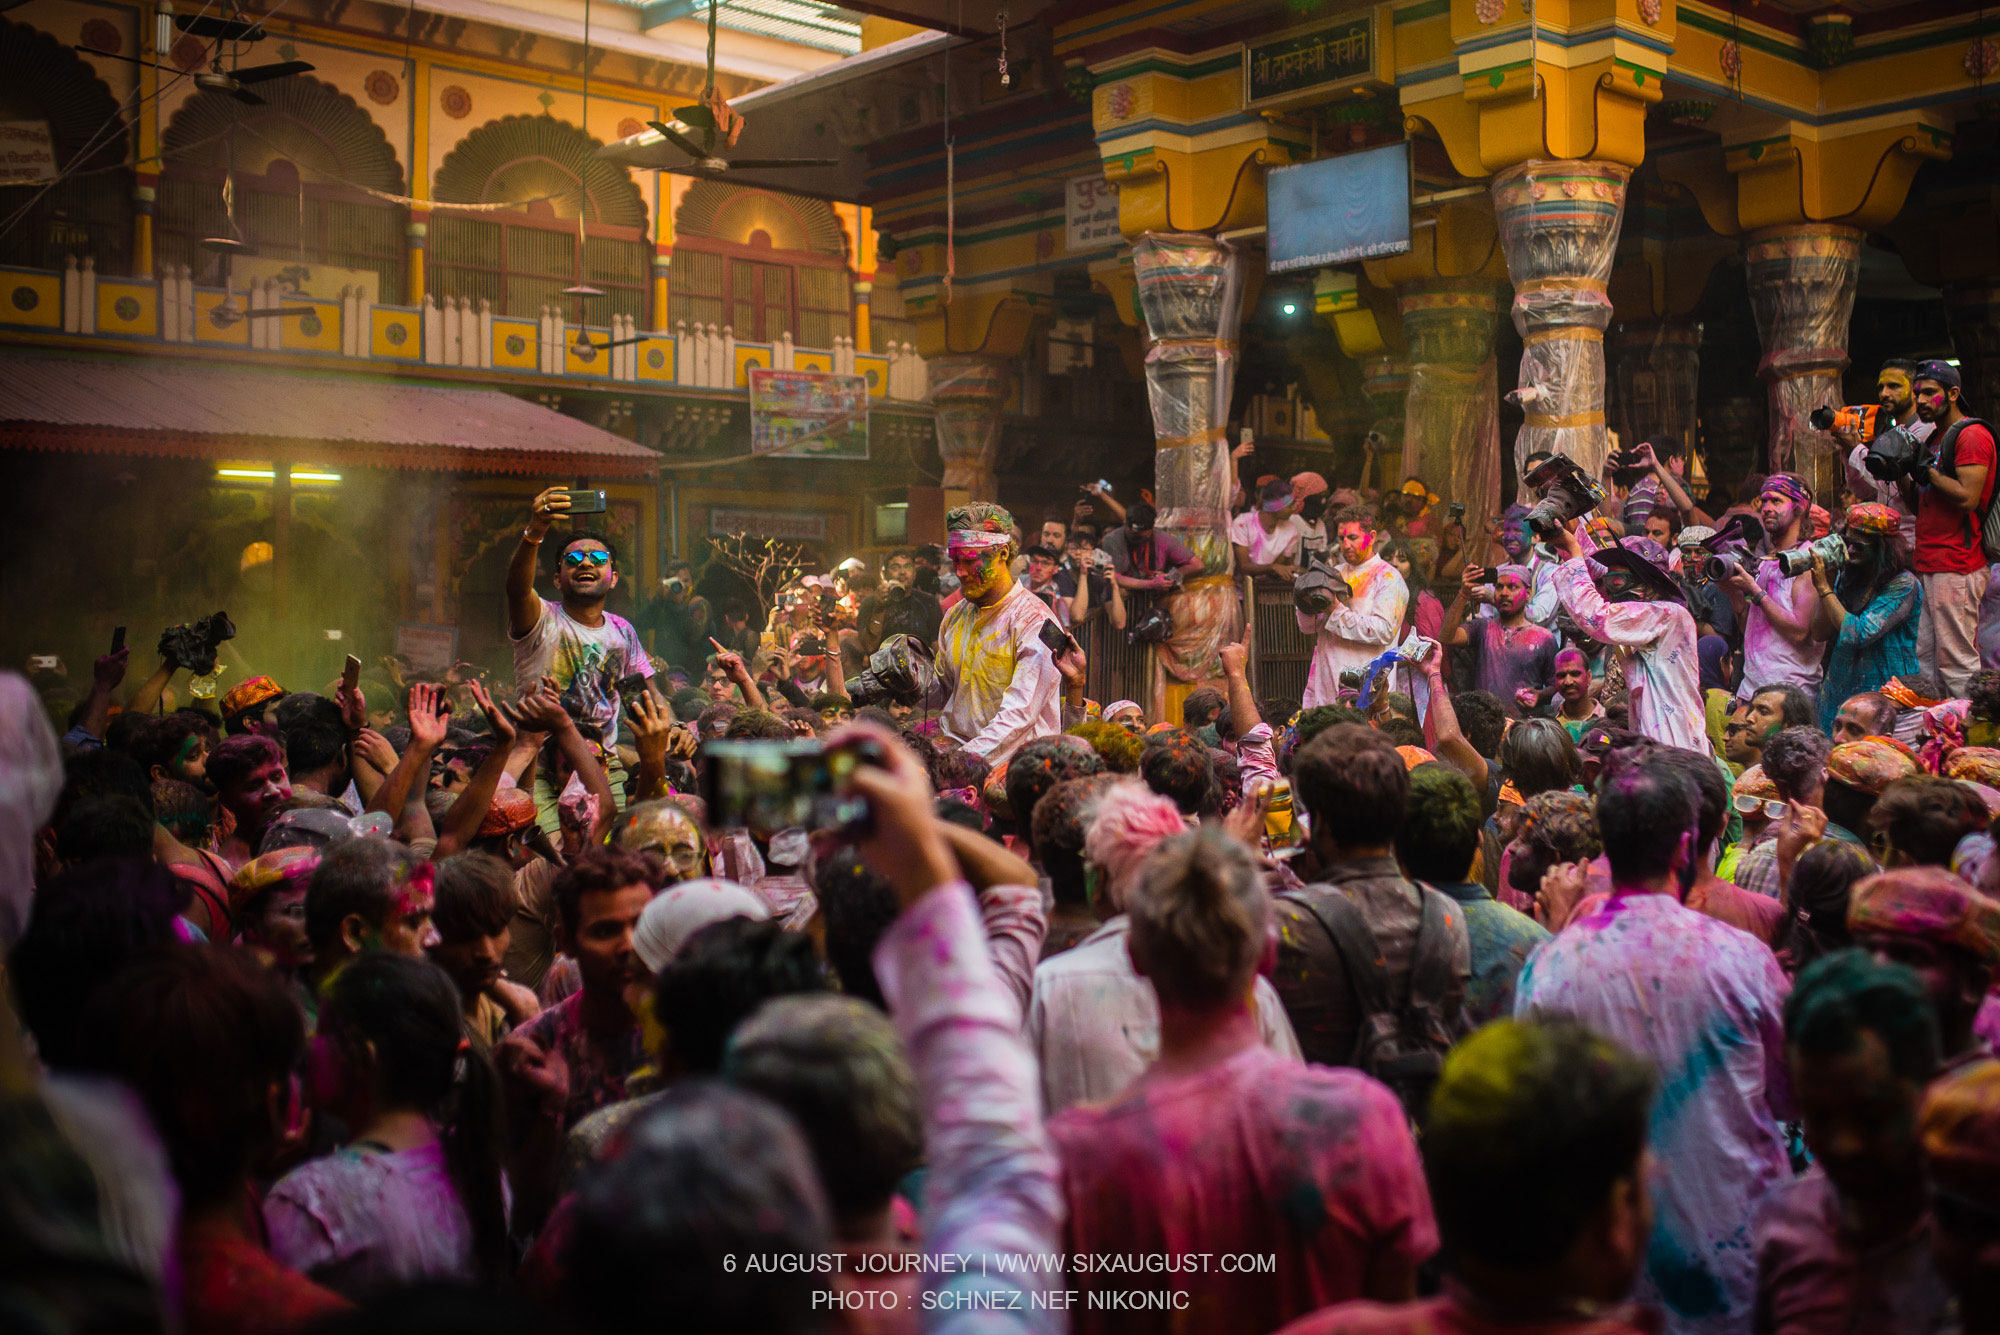 สีเต็มตัว เทศกาล Holi